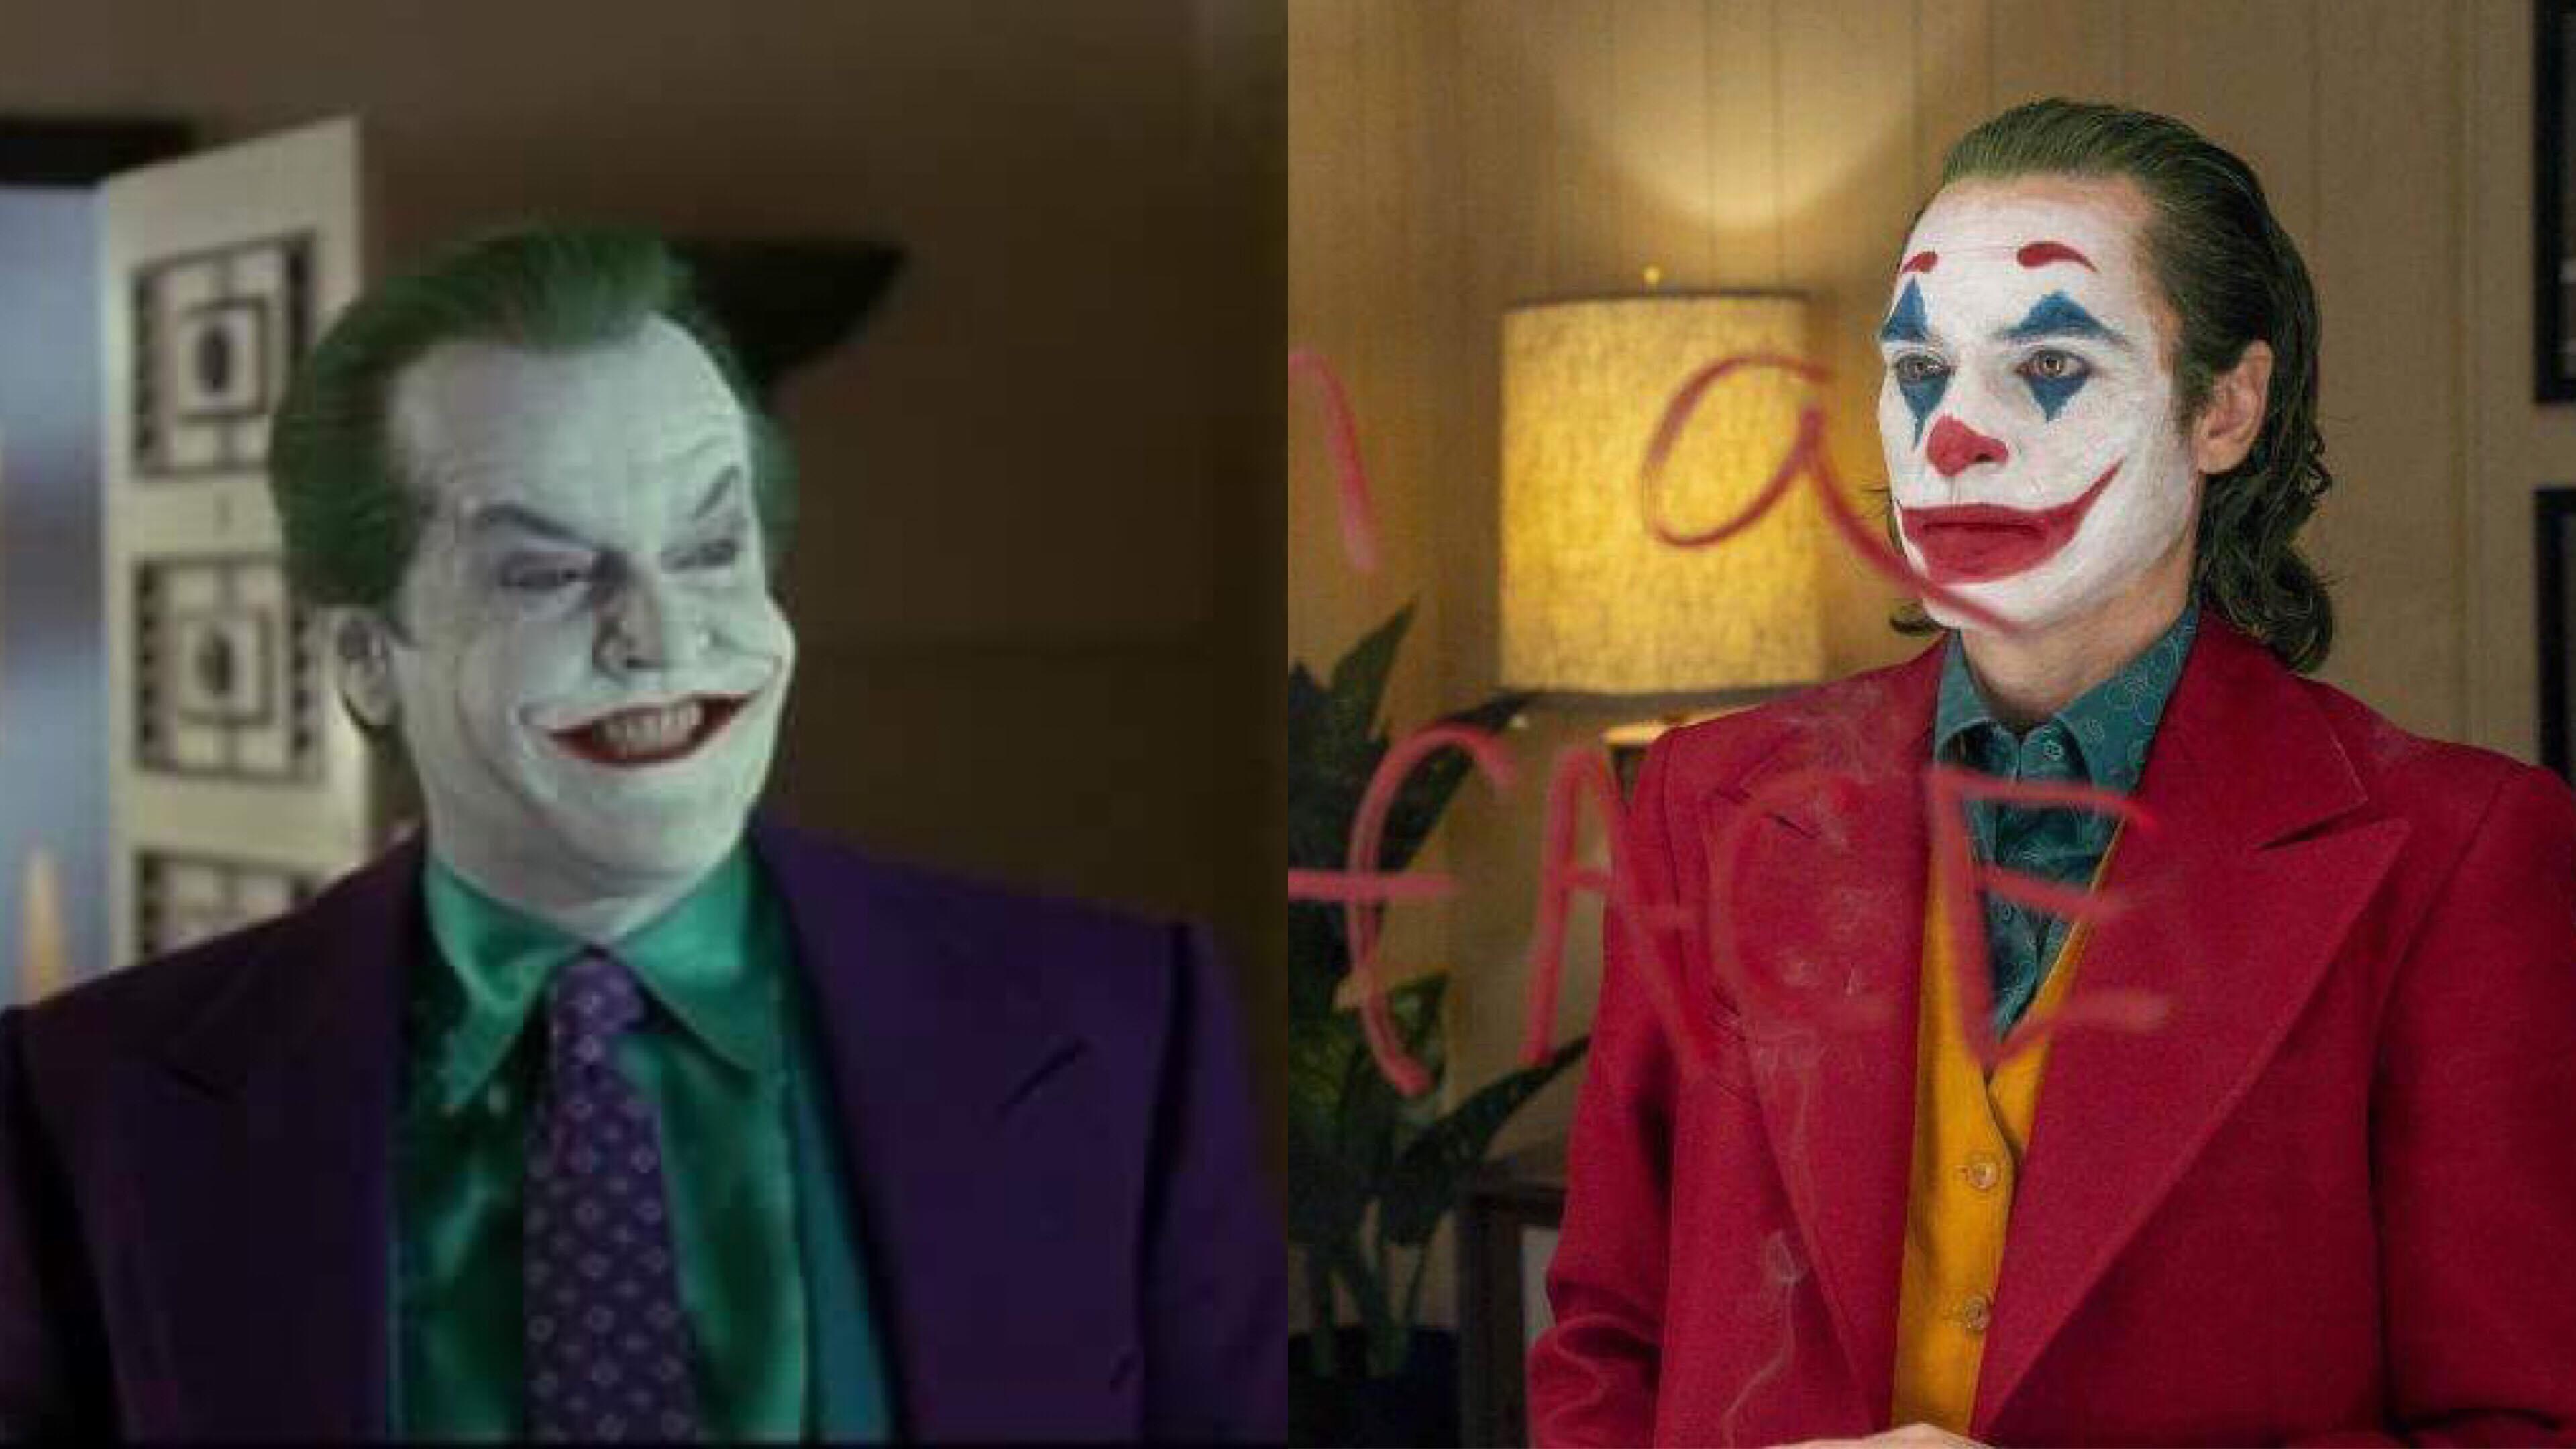 盤點影史上最經典的 4 位《小丑》演員,讓他們告訴你「小丑到底多難演」? – 我們用電影寫日記